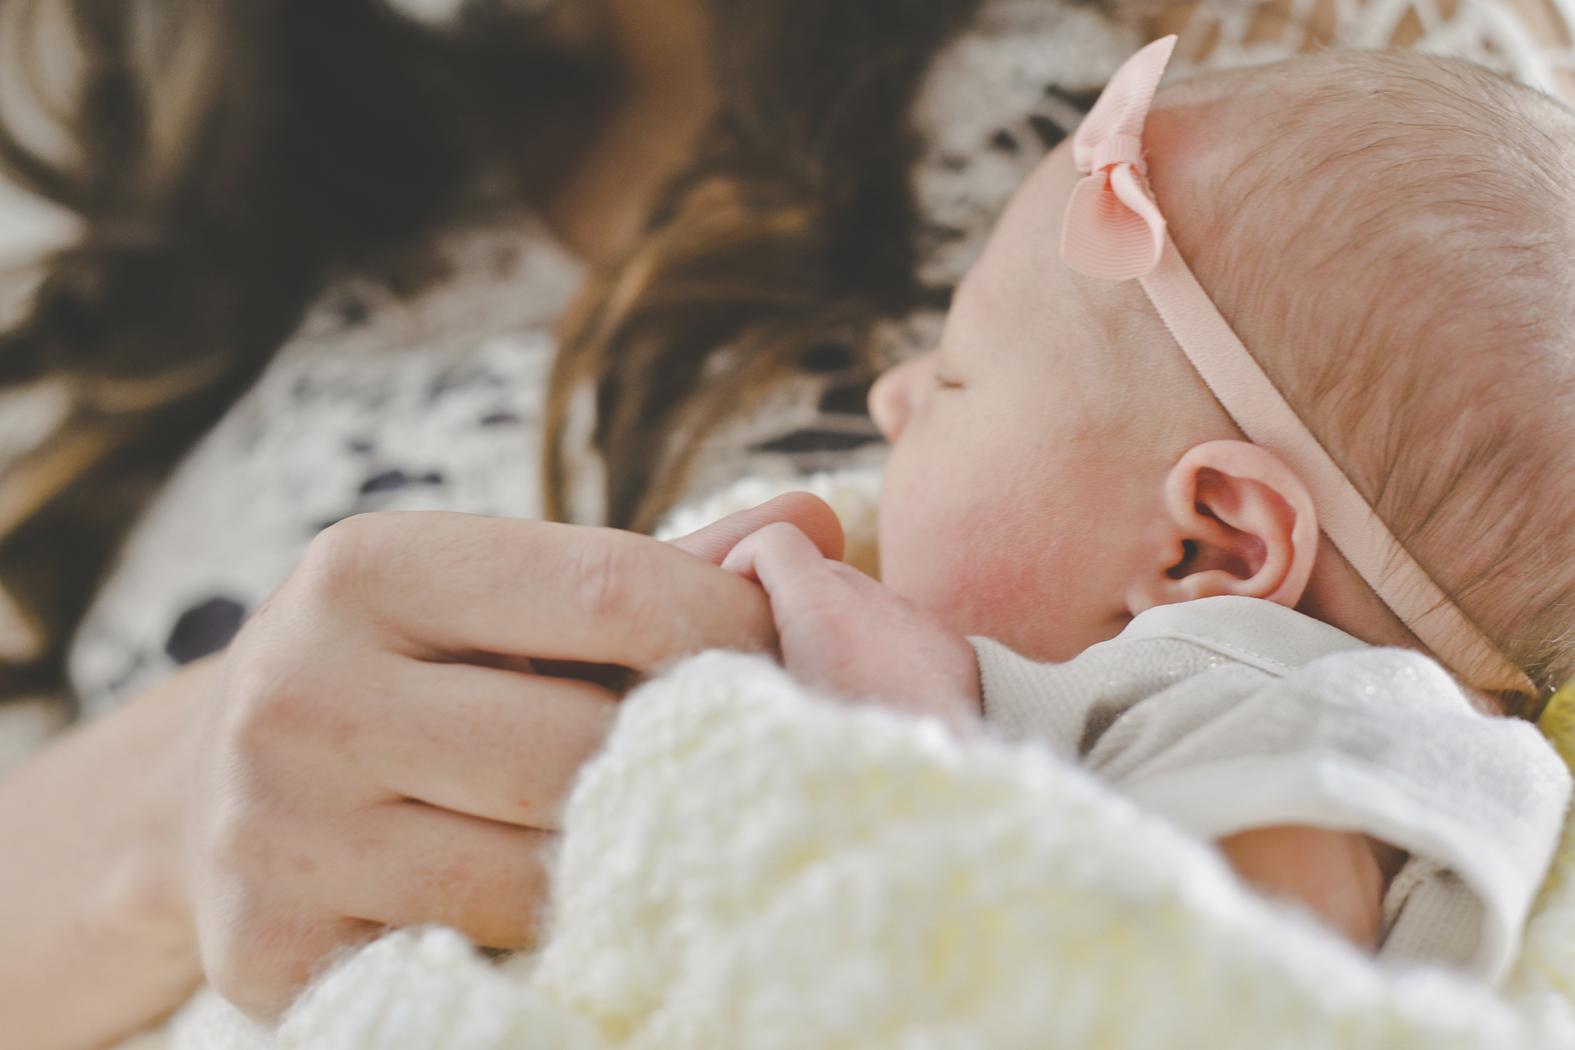 021915_web_newborn_rutt_002.jpg